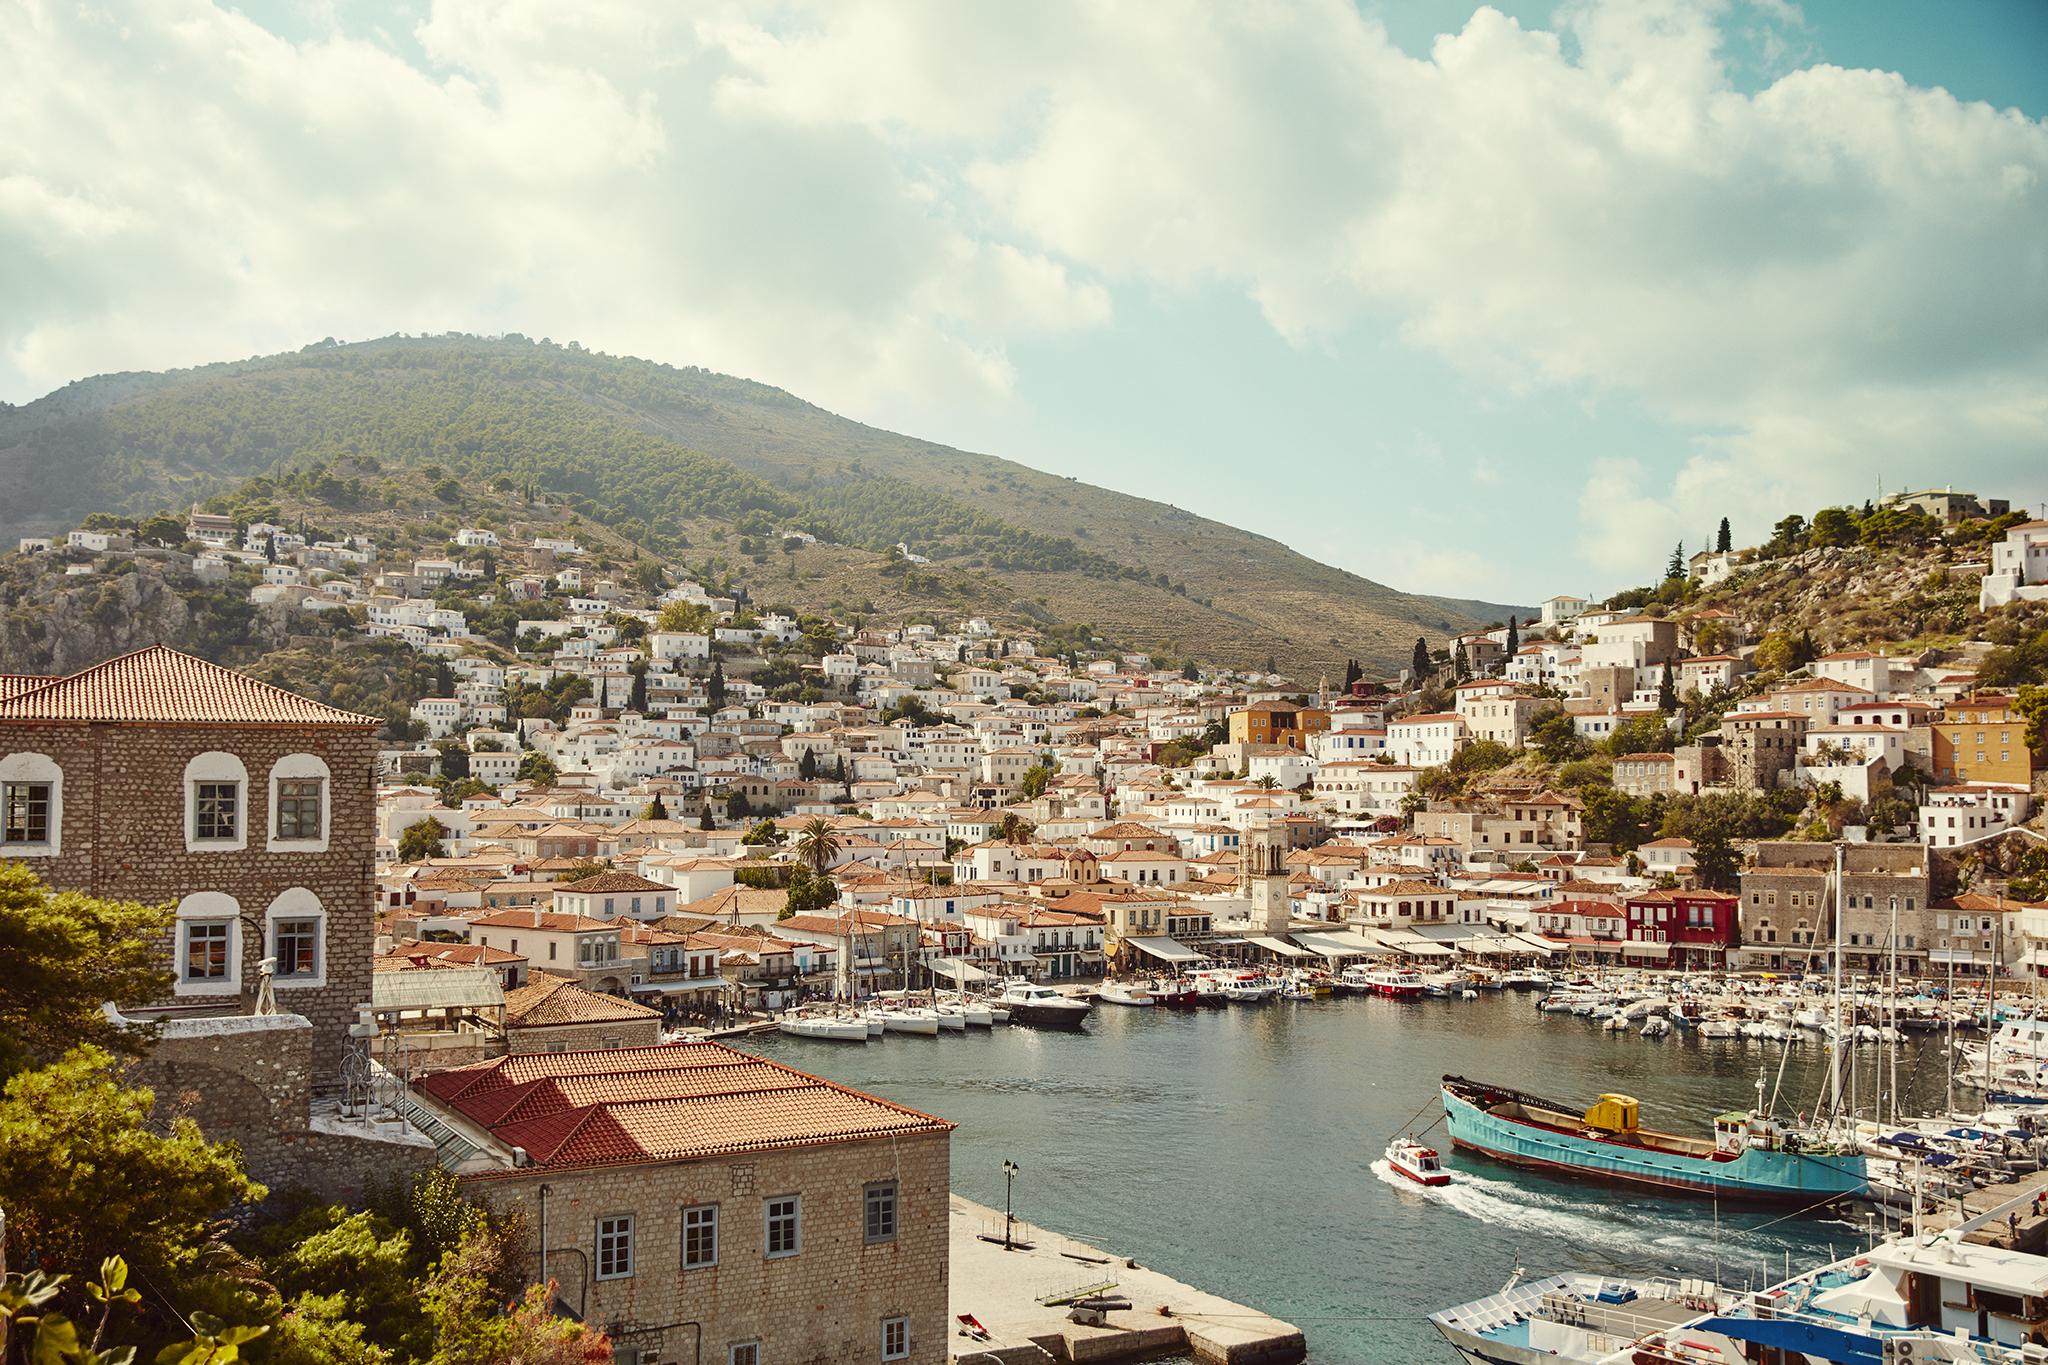 Flere sydeuropæiske ferielande melder sig atter klar til at modtage udenlandske turister, herunder Grækenland. Arkivpressefoto fra Apollo Rejser.